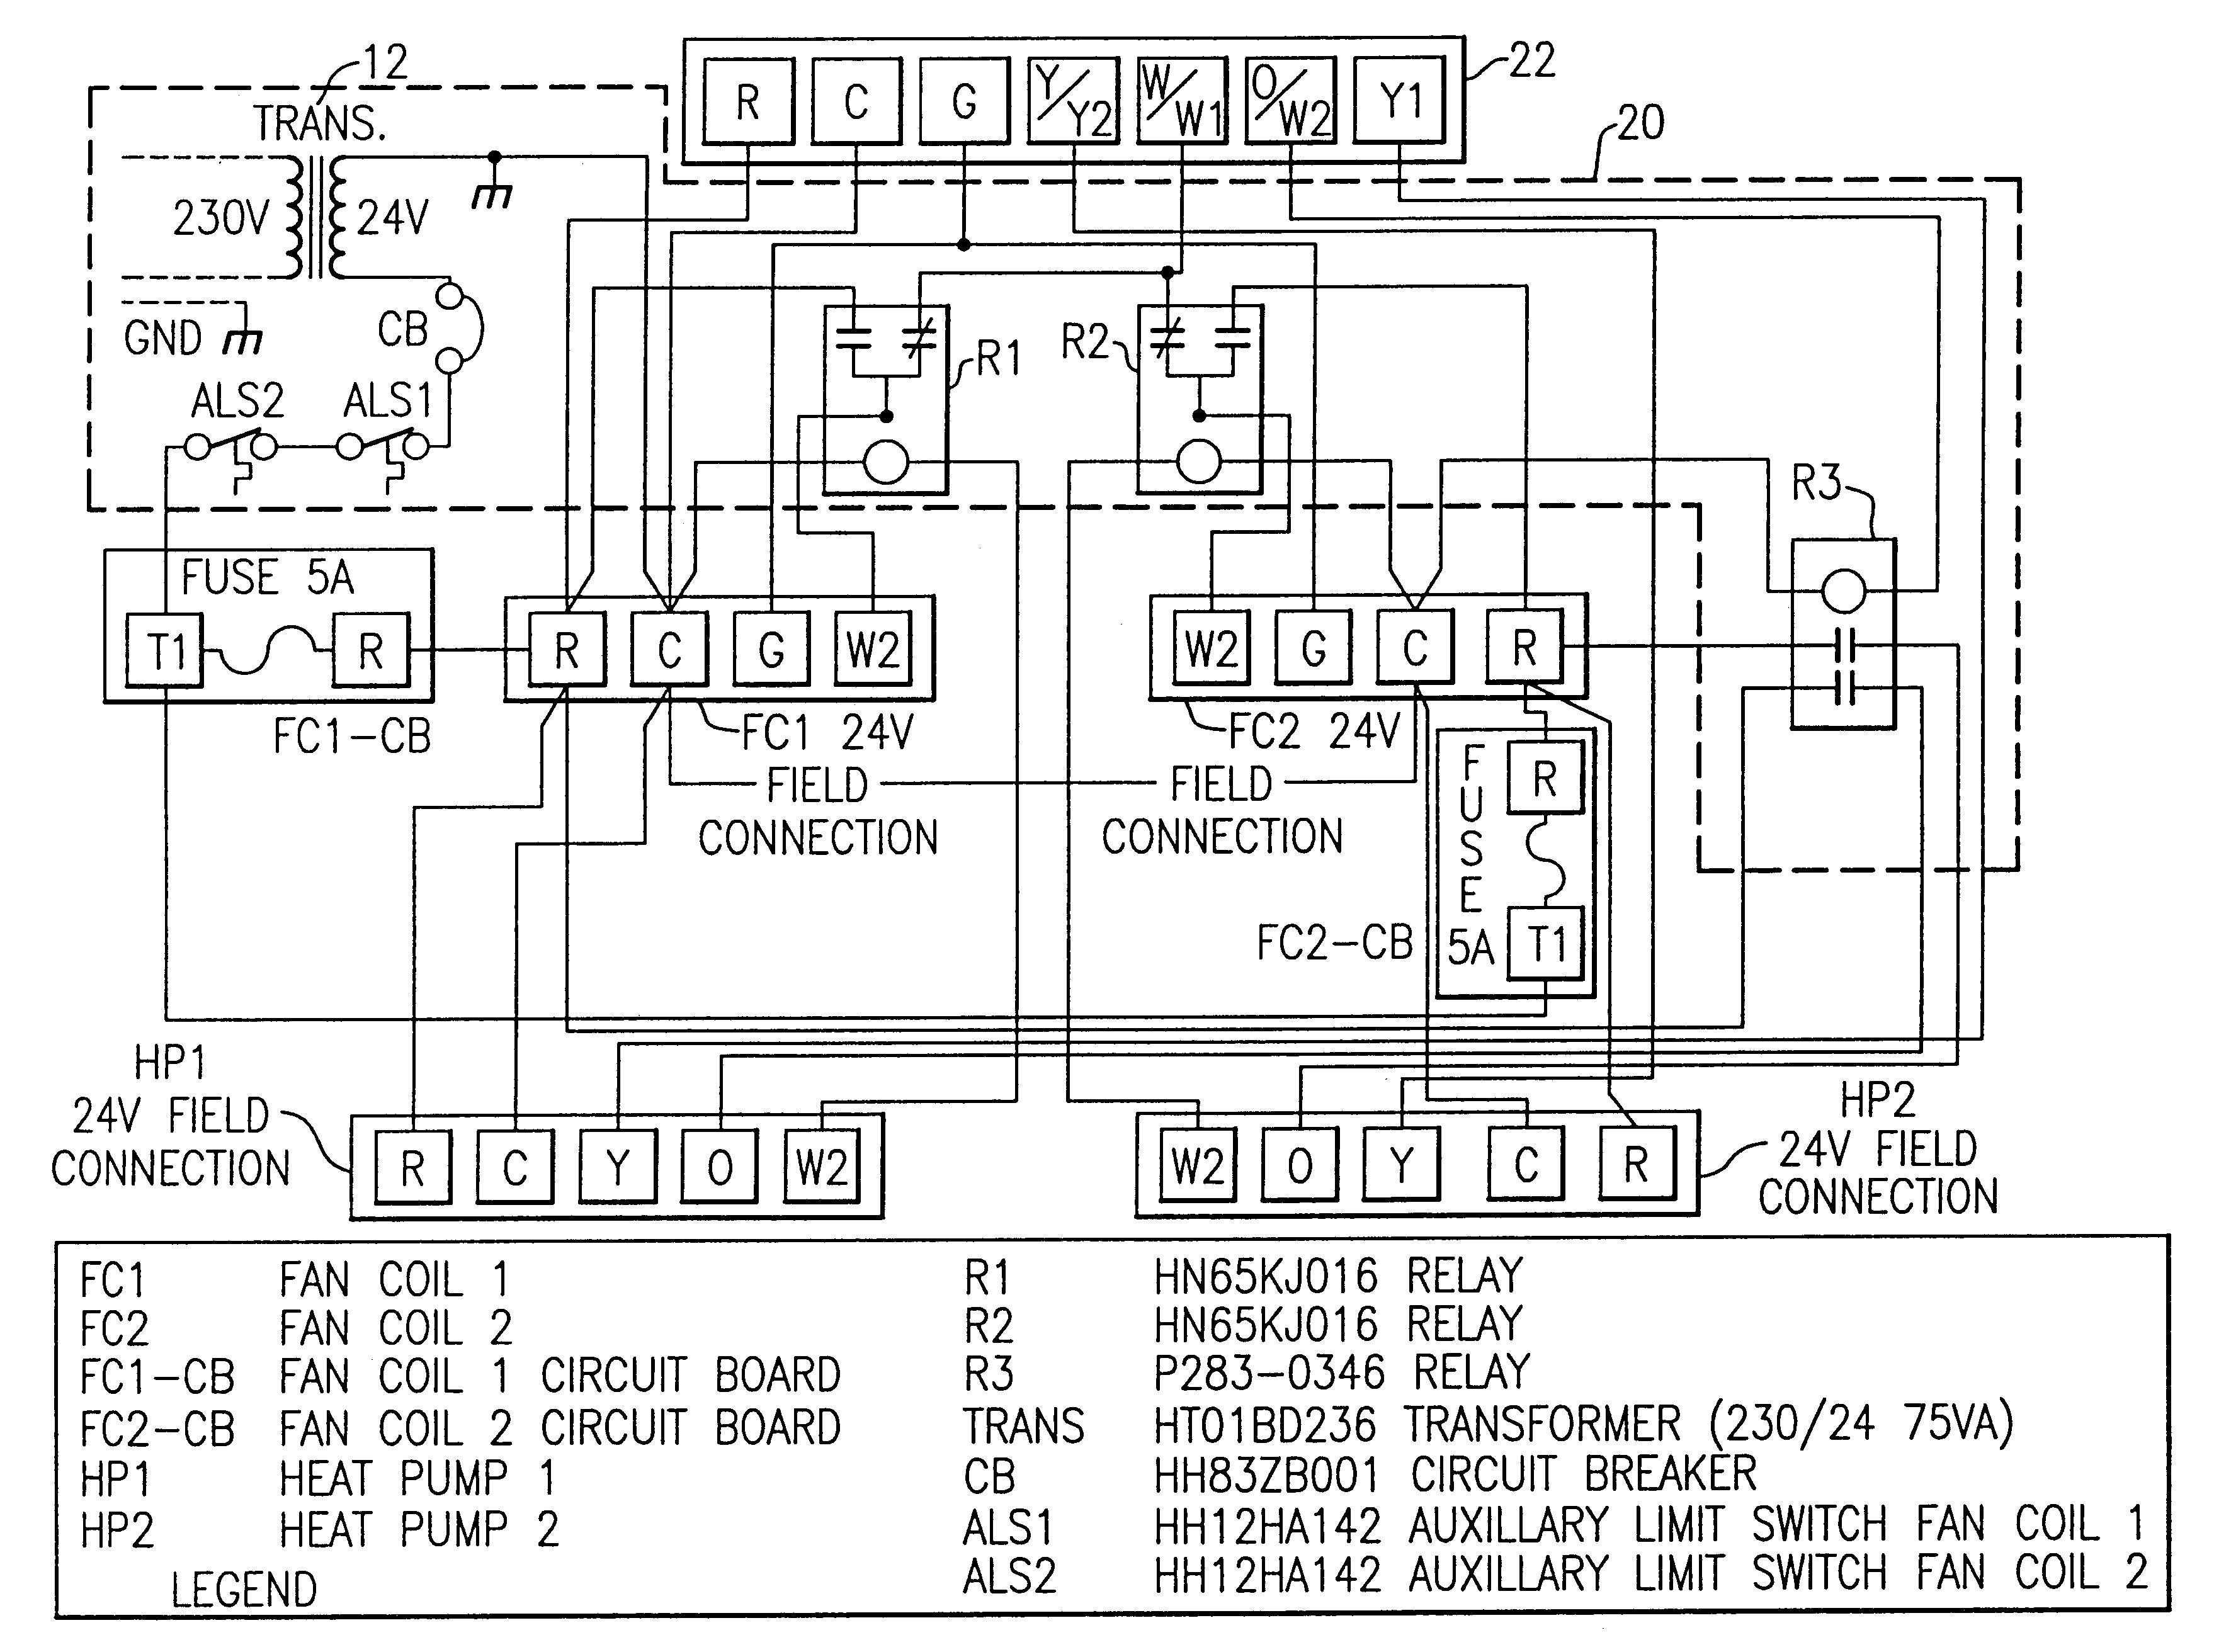 York Rooftop Unit Wiring Diagram Gallery | Wiring Diagram Sample on